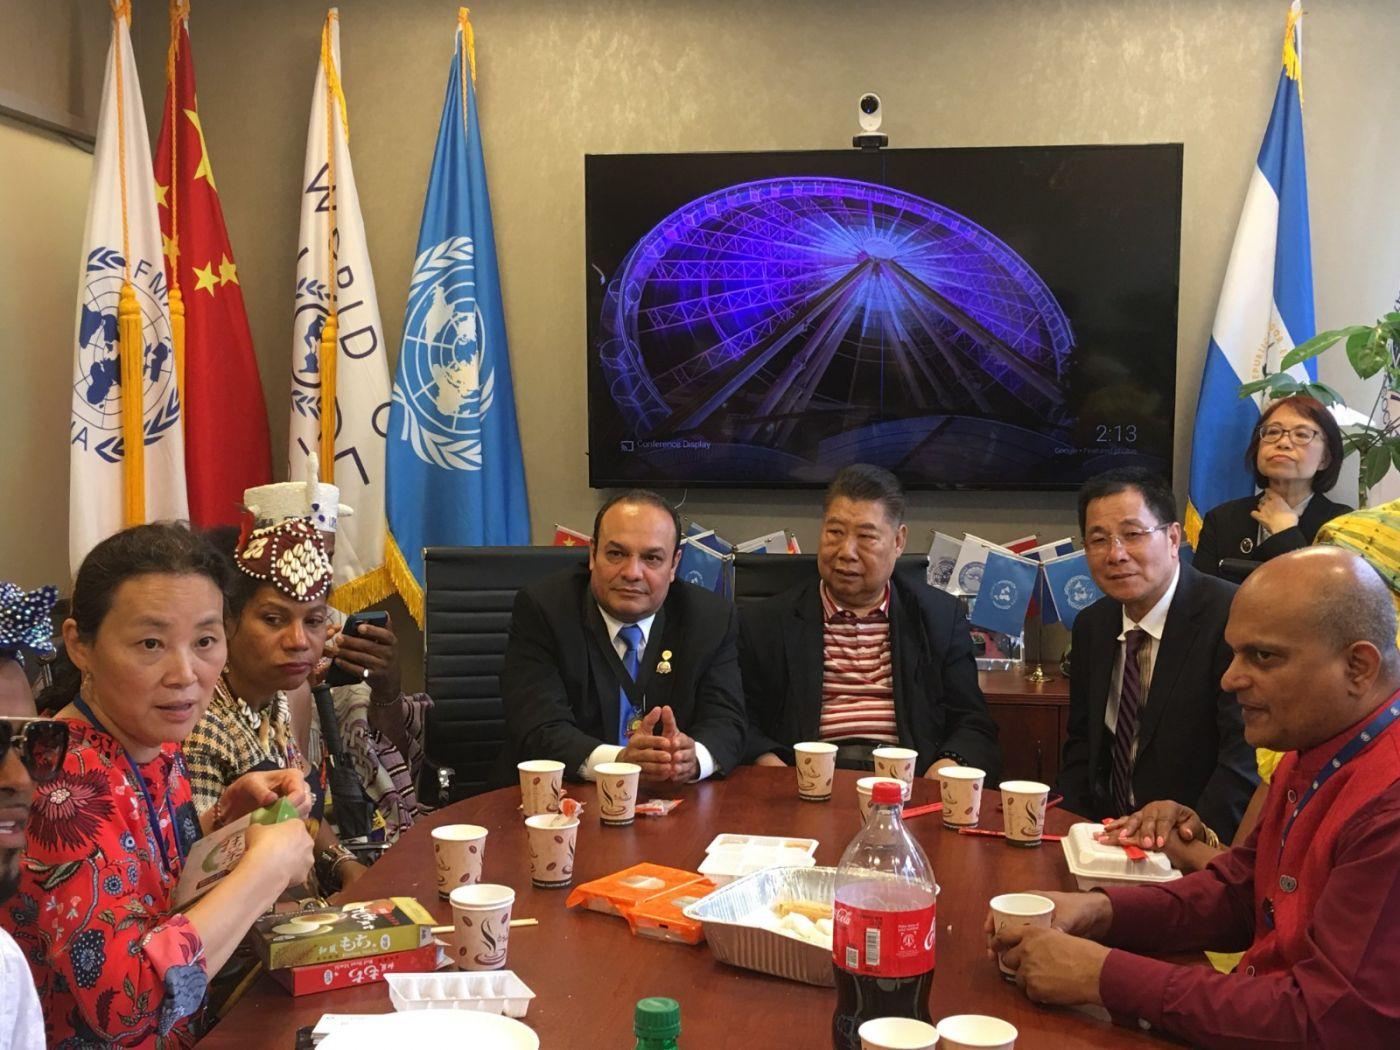 聯合國中華媽祖文化發展基金會受邀参加聯合國納尔遜.曼德拉国际日的一系列活动 ..._图1-13